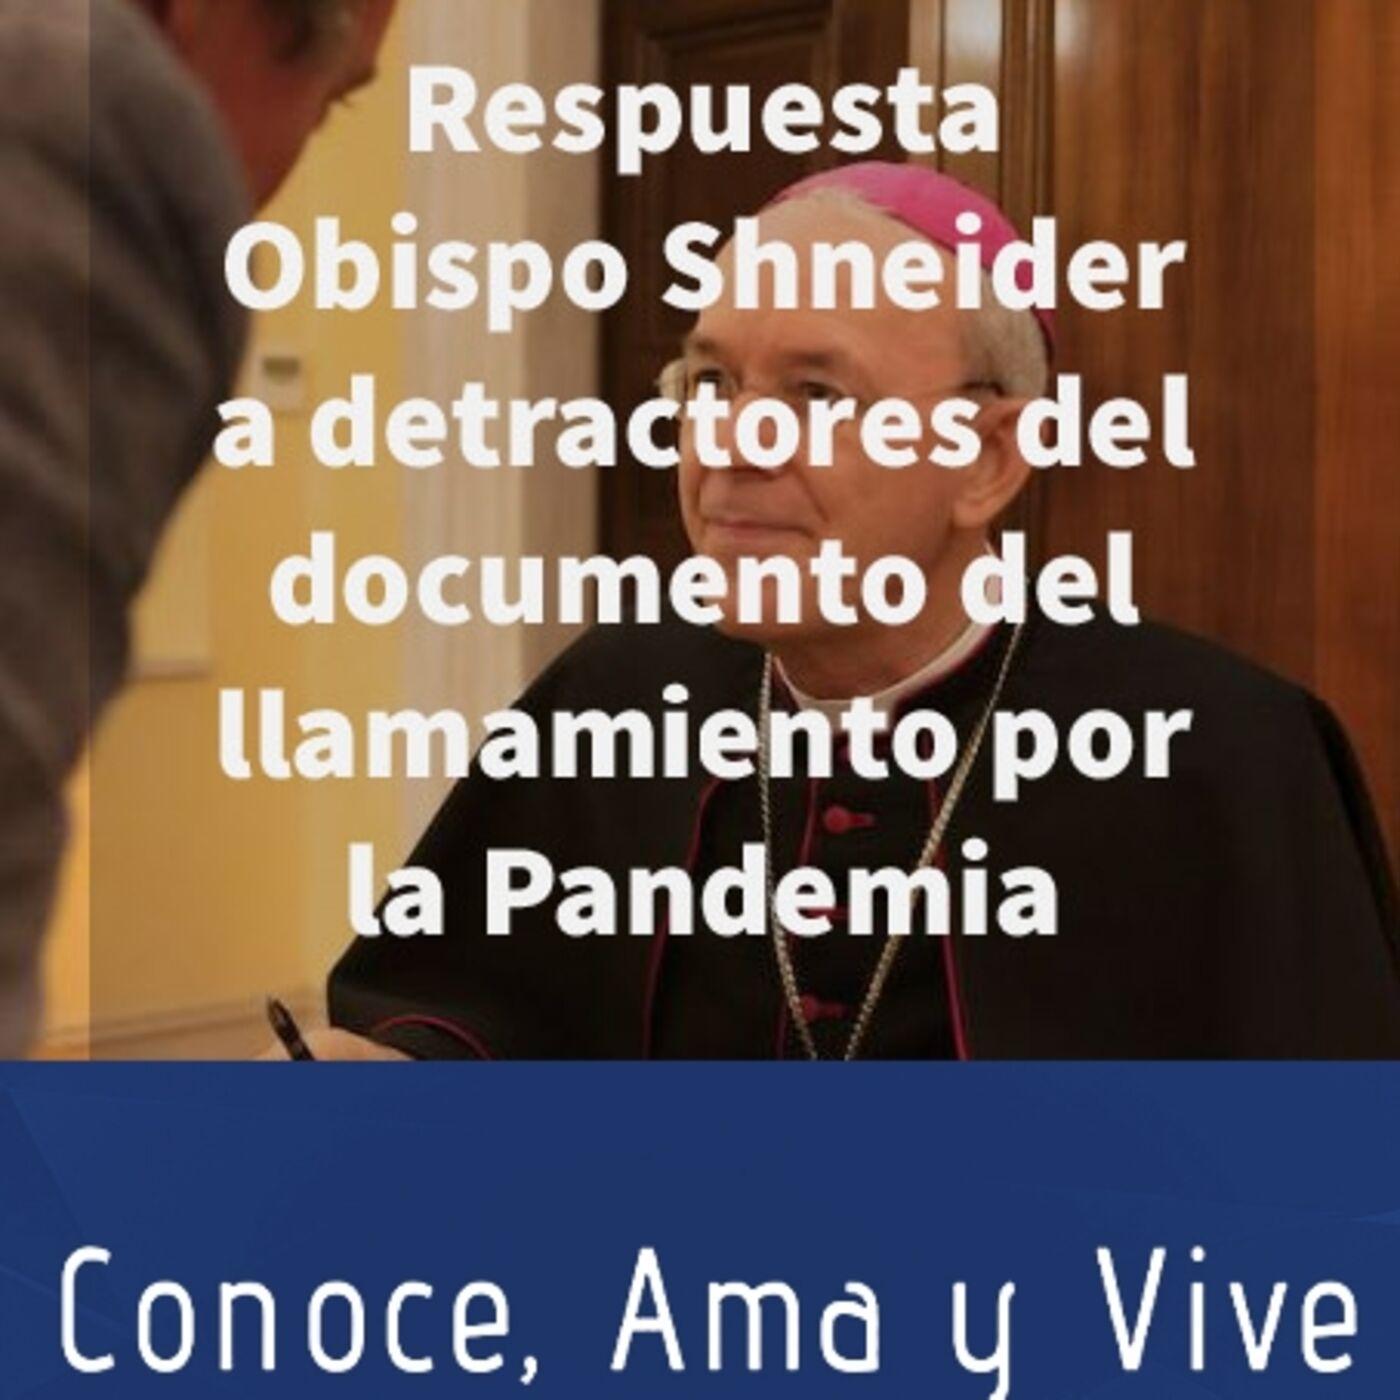 Episodio 261: 👊 Repuesta del Obispo Shneider a los detractores del documento del llamamiento por la Pandemia 🙏